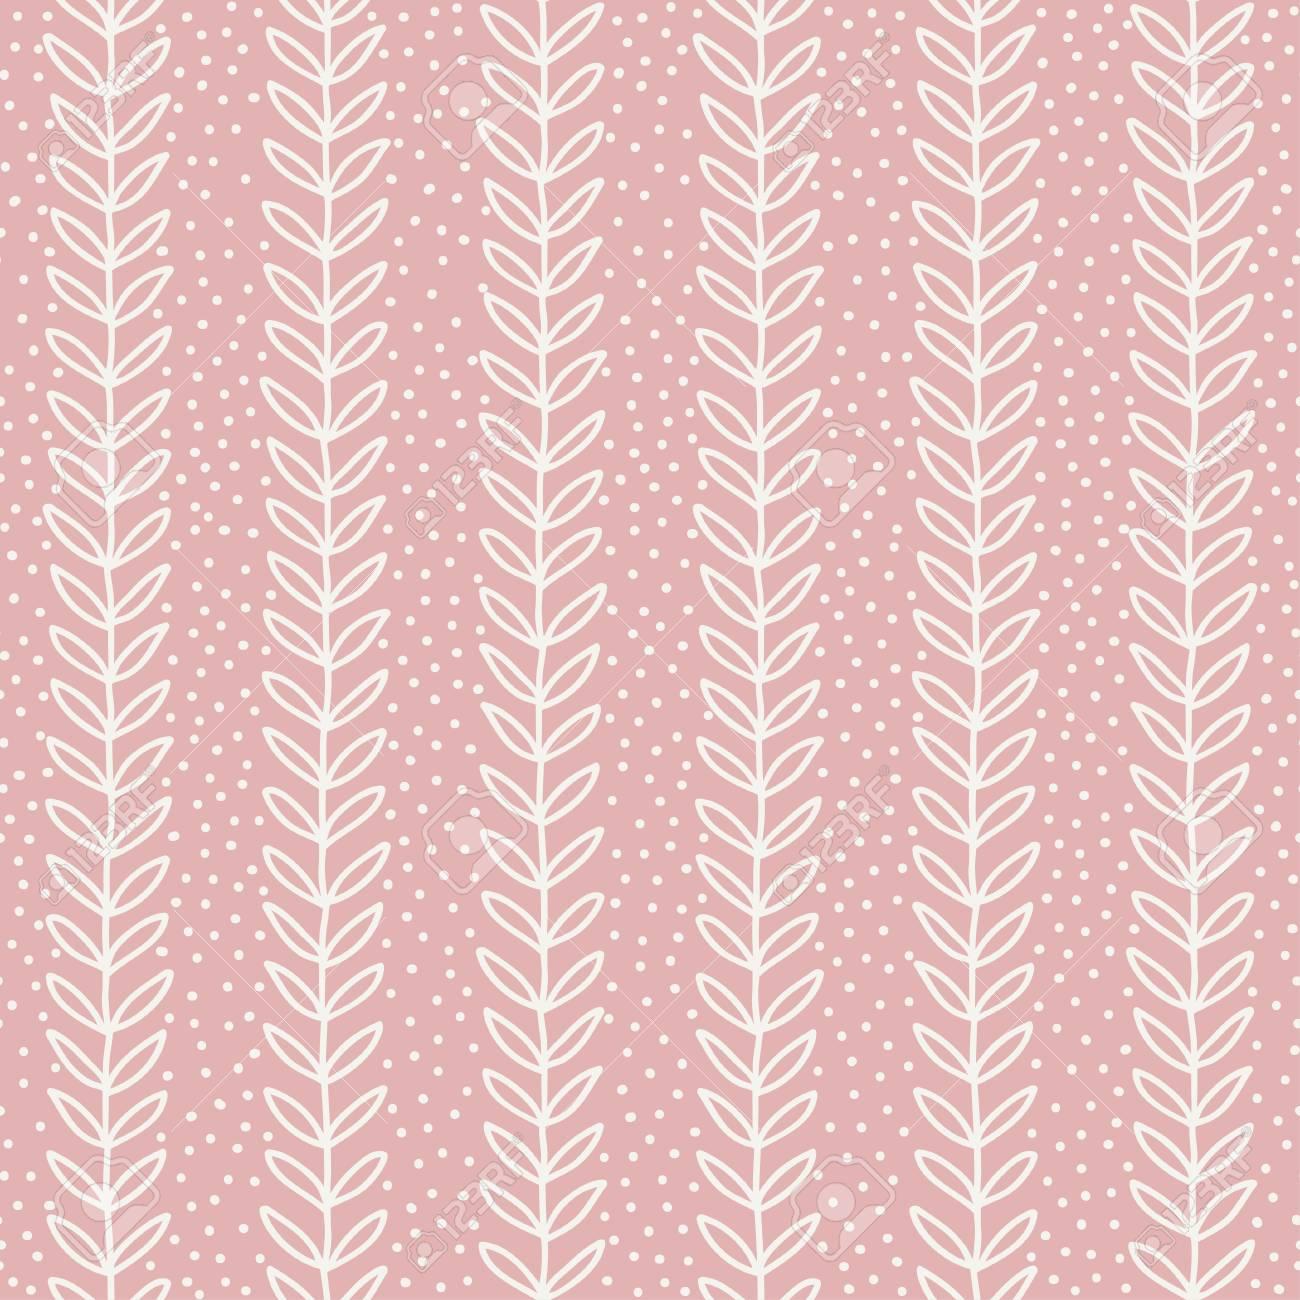 シンプルなリーフのシームレス パターン 手には ピンクの背景が描画